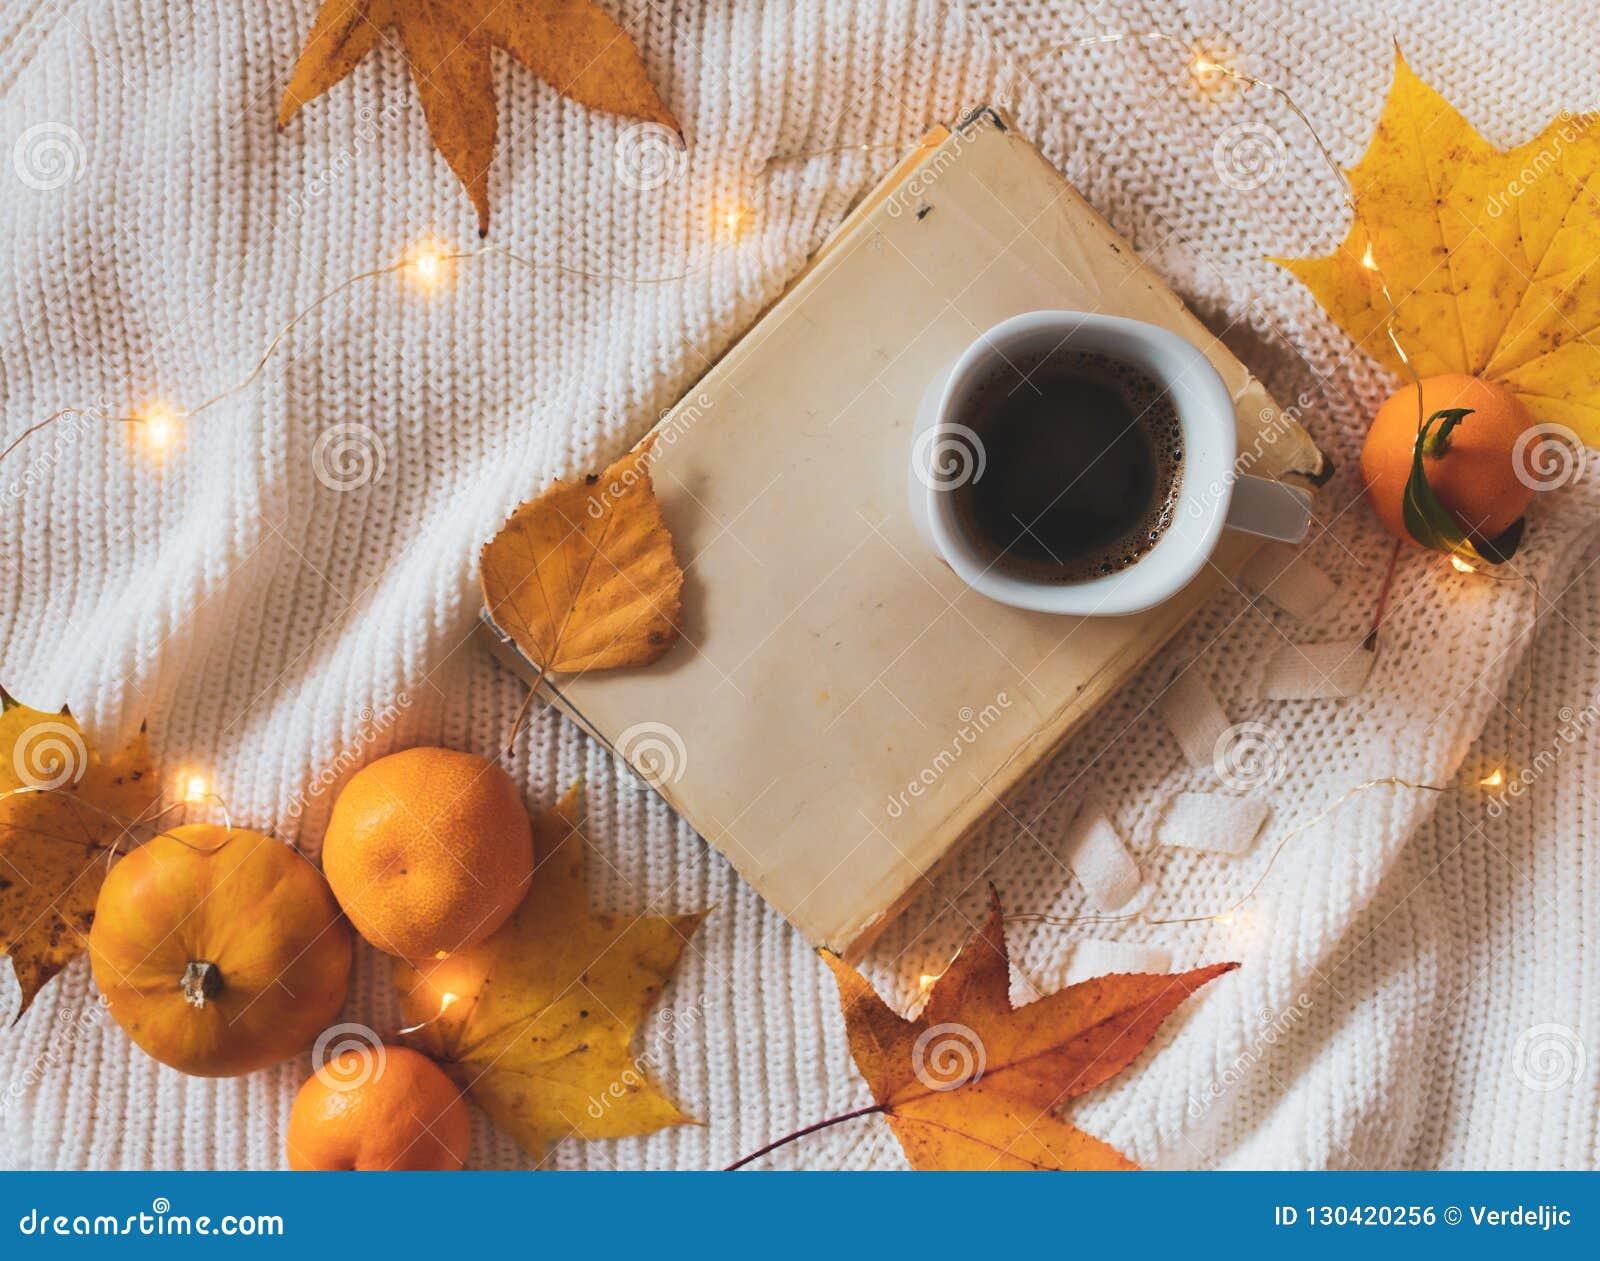 书、咖啡、金黄叶子、桔子、南瓜和光在一件白色毛线衣